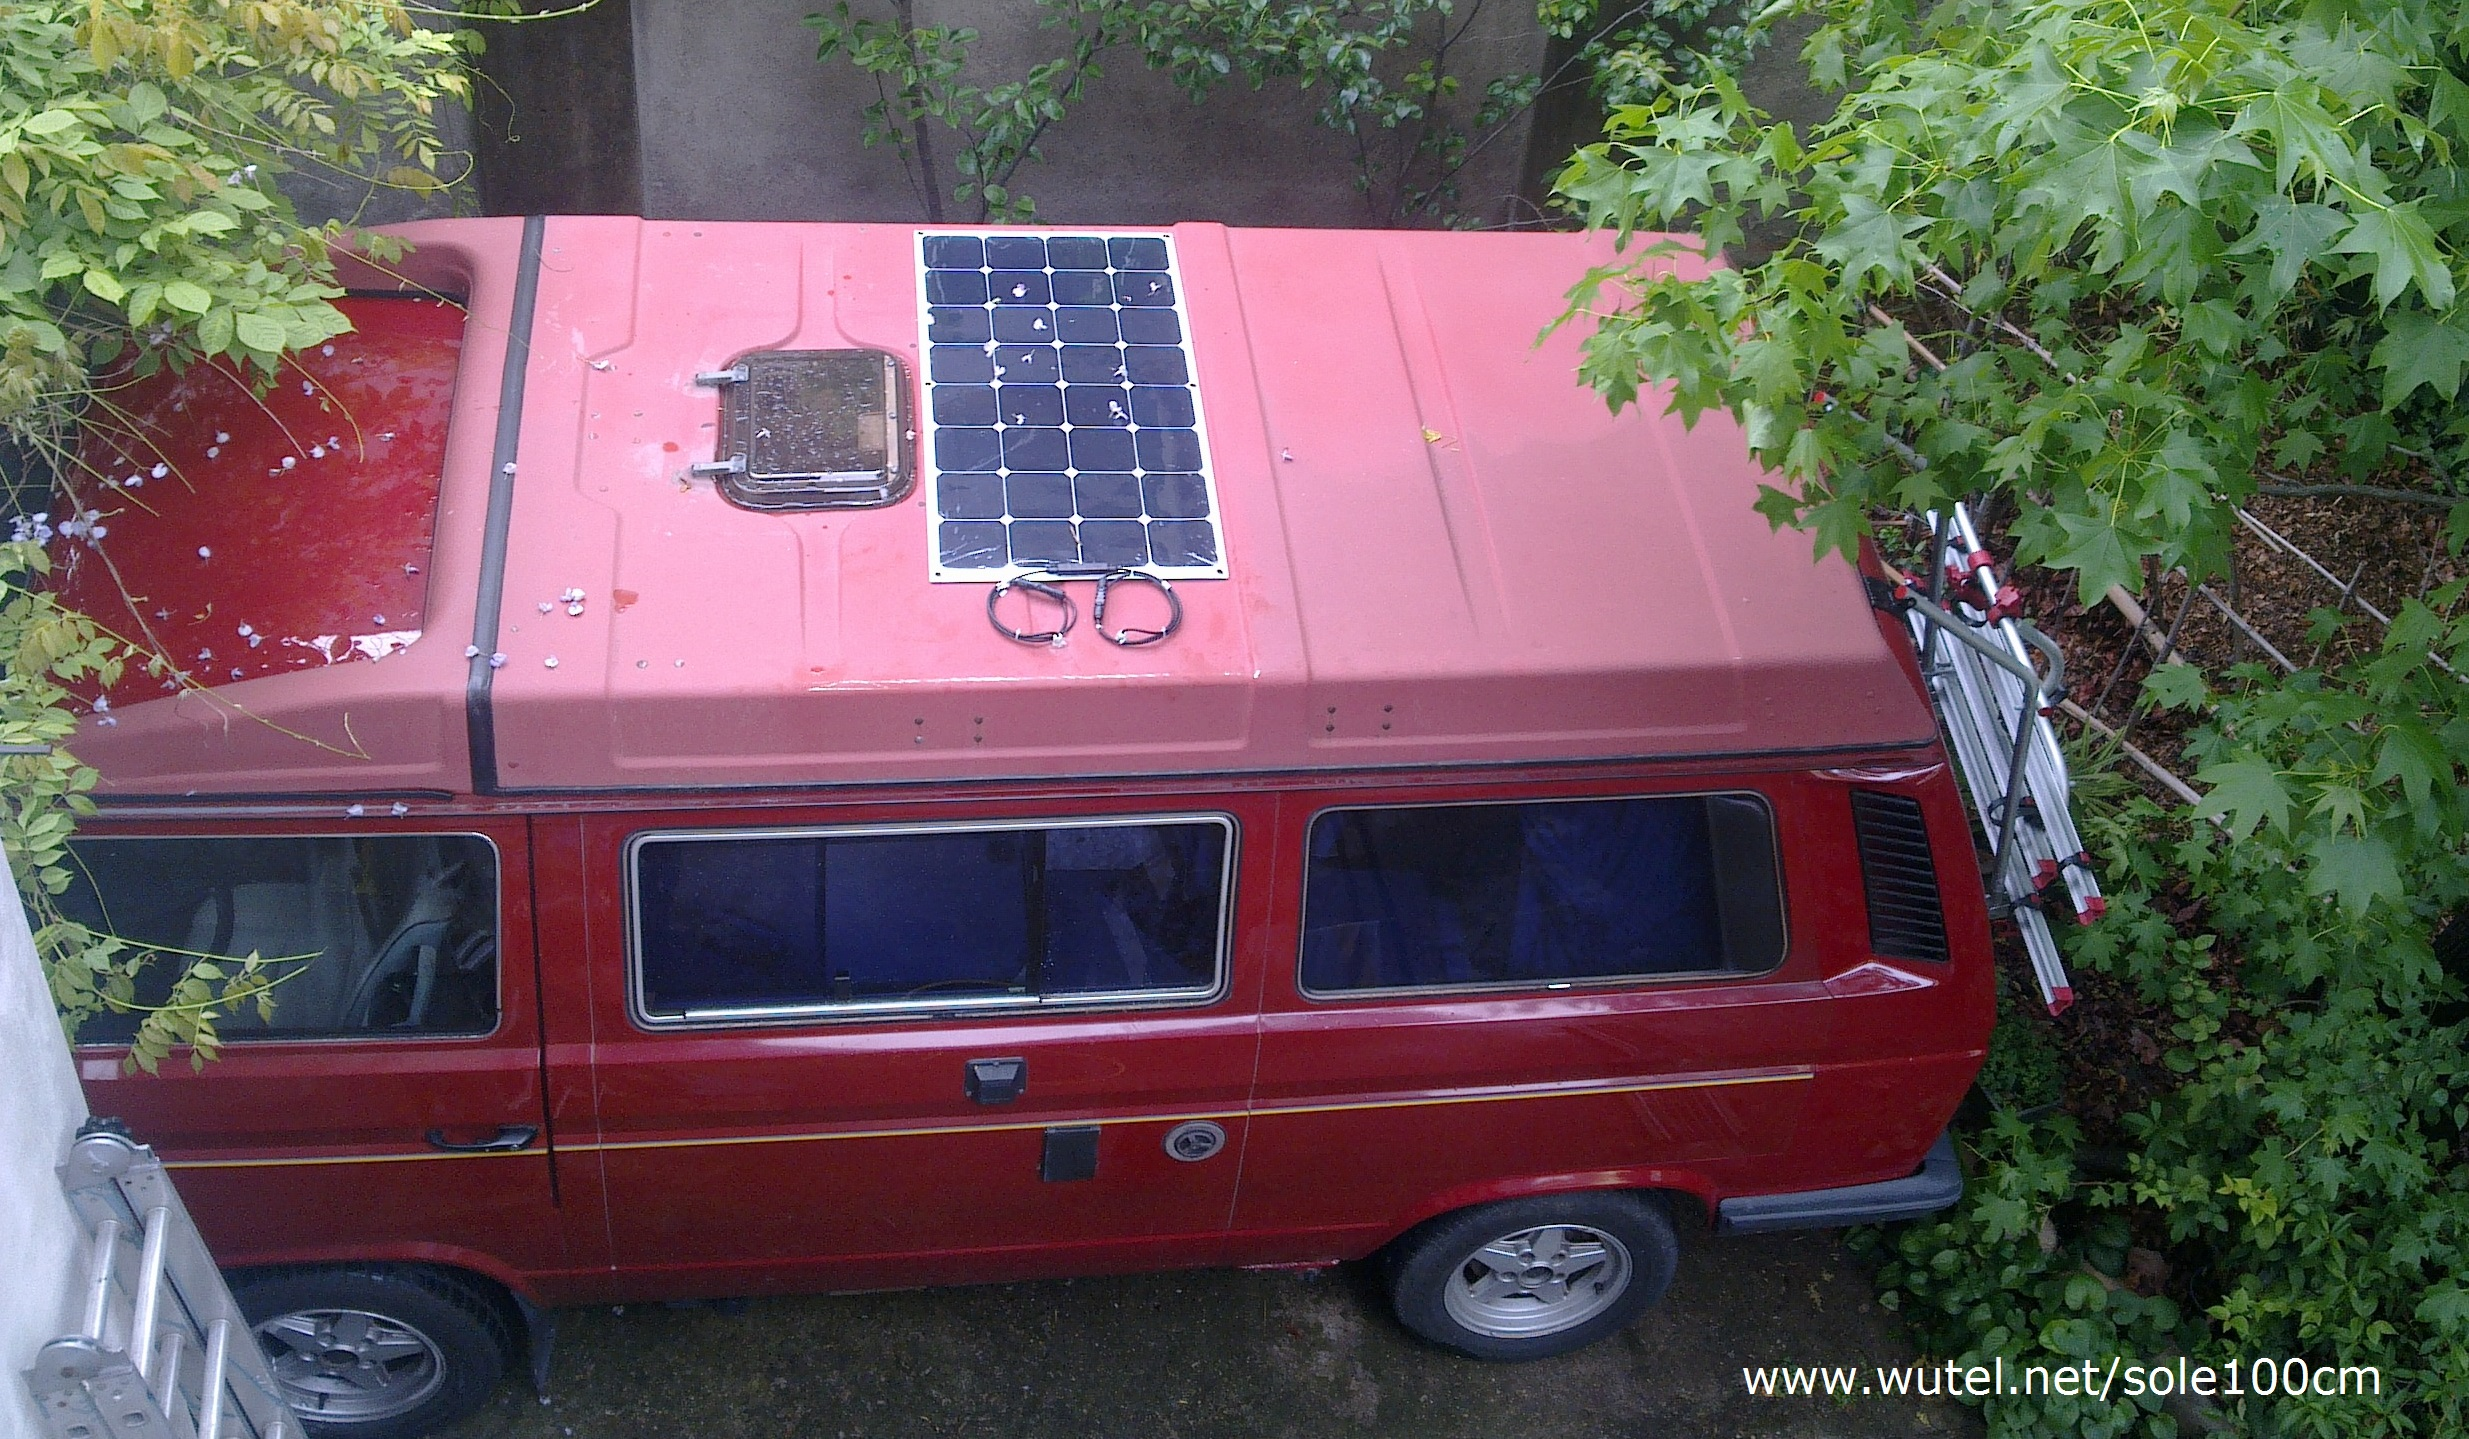 Pannello Solare Per Ricaricare Auto Elettrica : Wutel fotovoltaico portatile